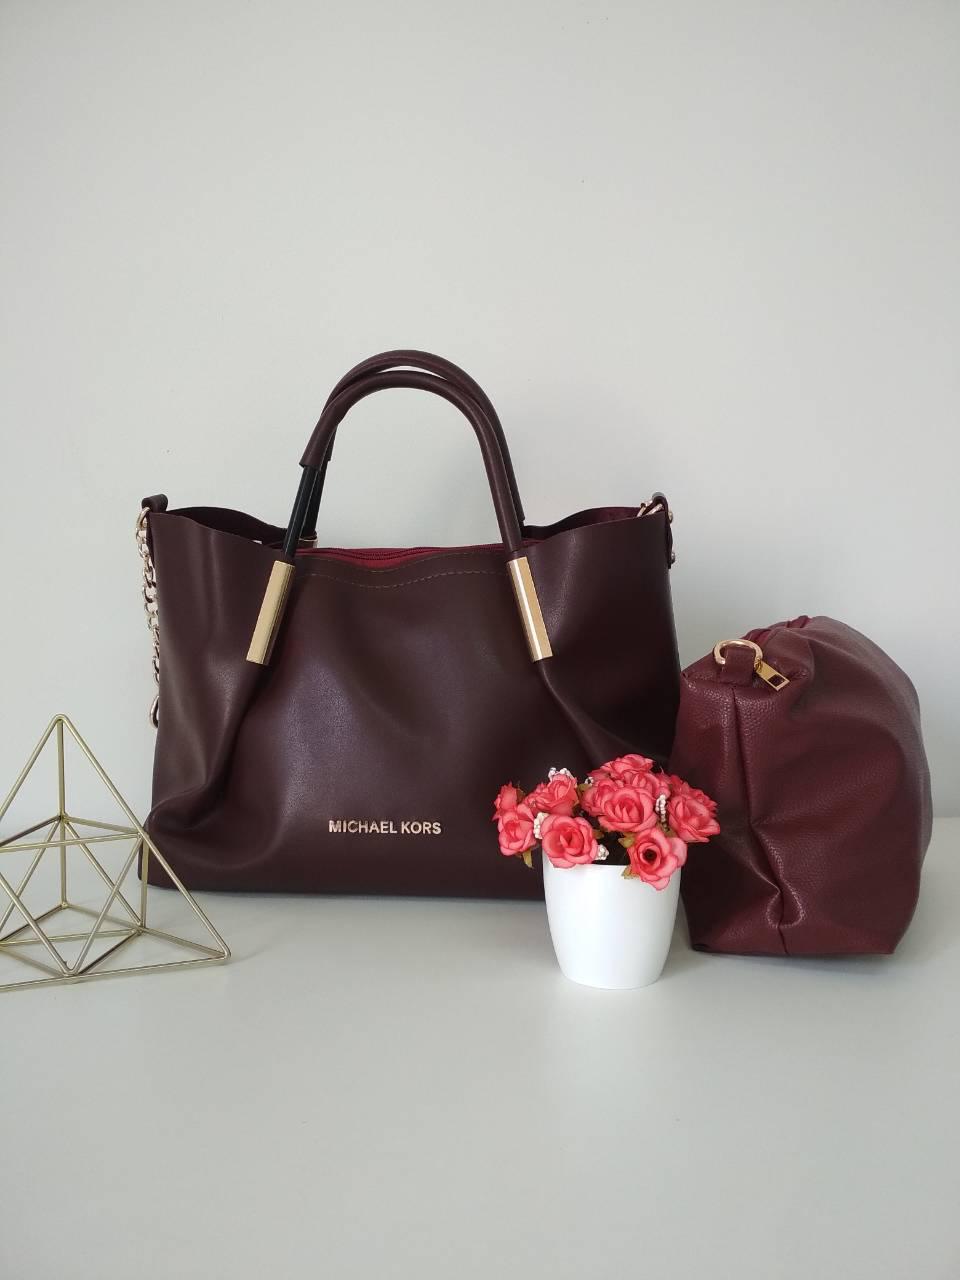 8ec893bc8095 Стильная женская сумка бордового цвета с косметичкой 26*32*12 см - Styleopt.